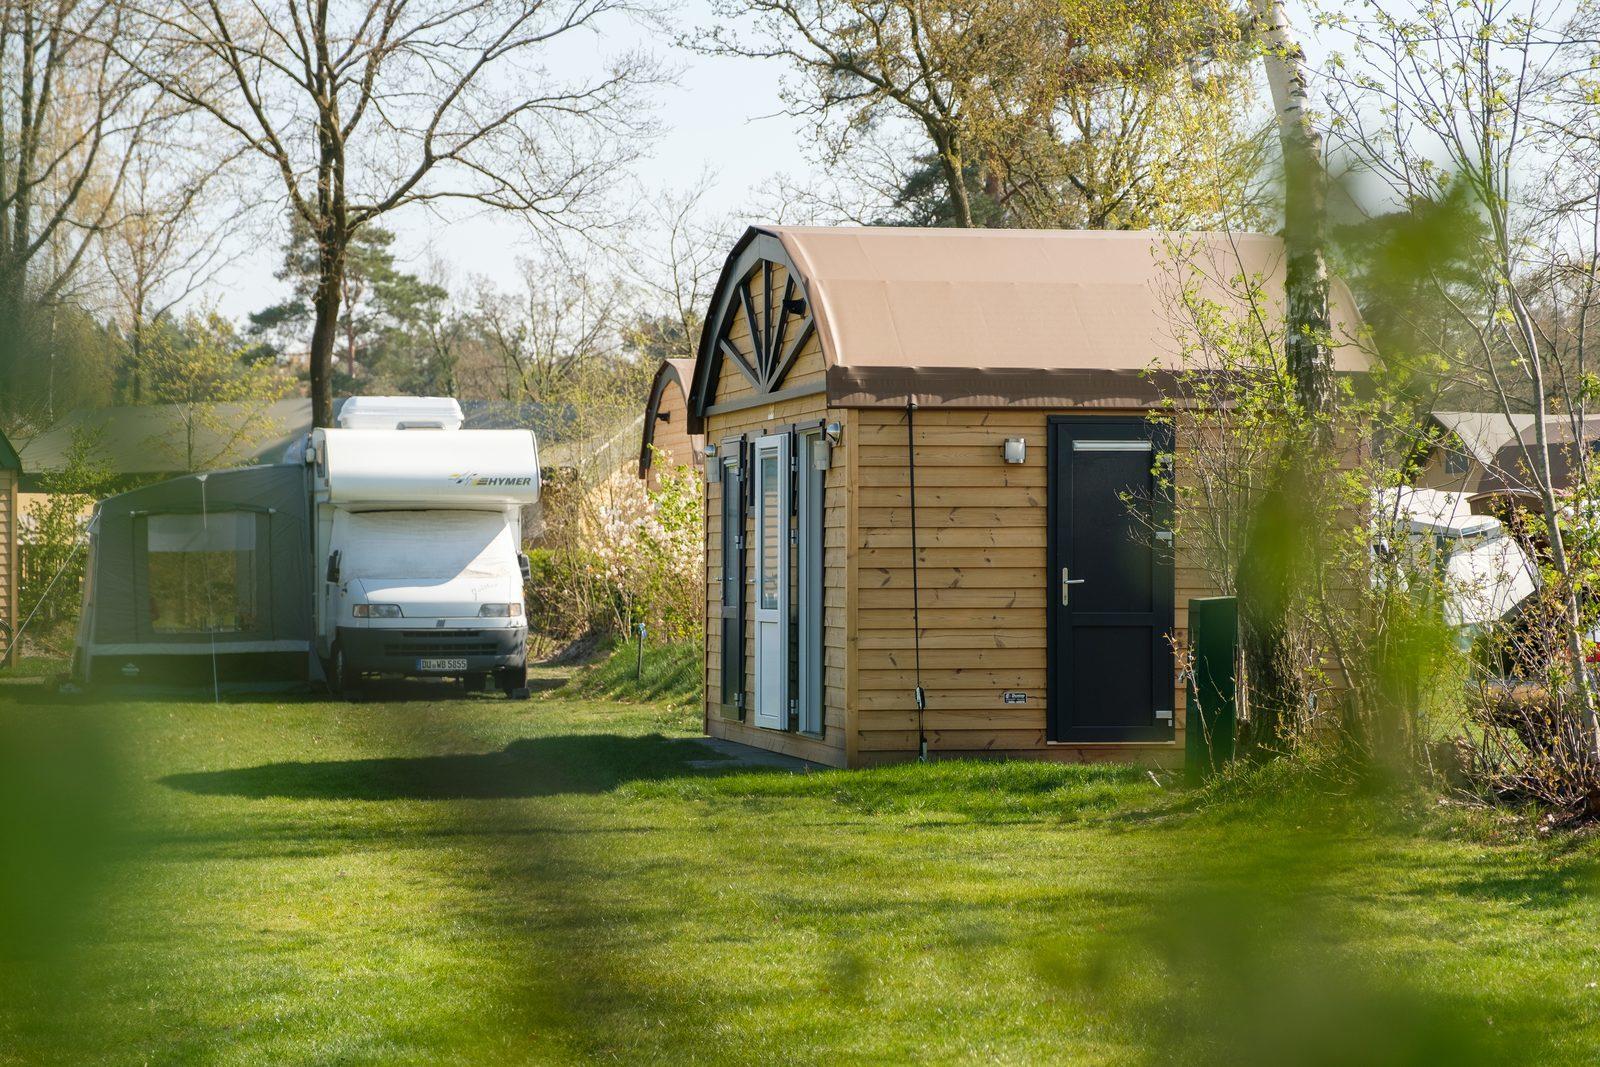 volledige aansluiting campings in de buurt van mijdating sites in de VS miljonair